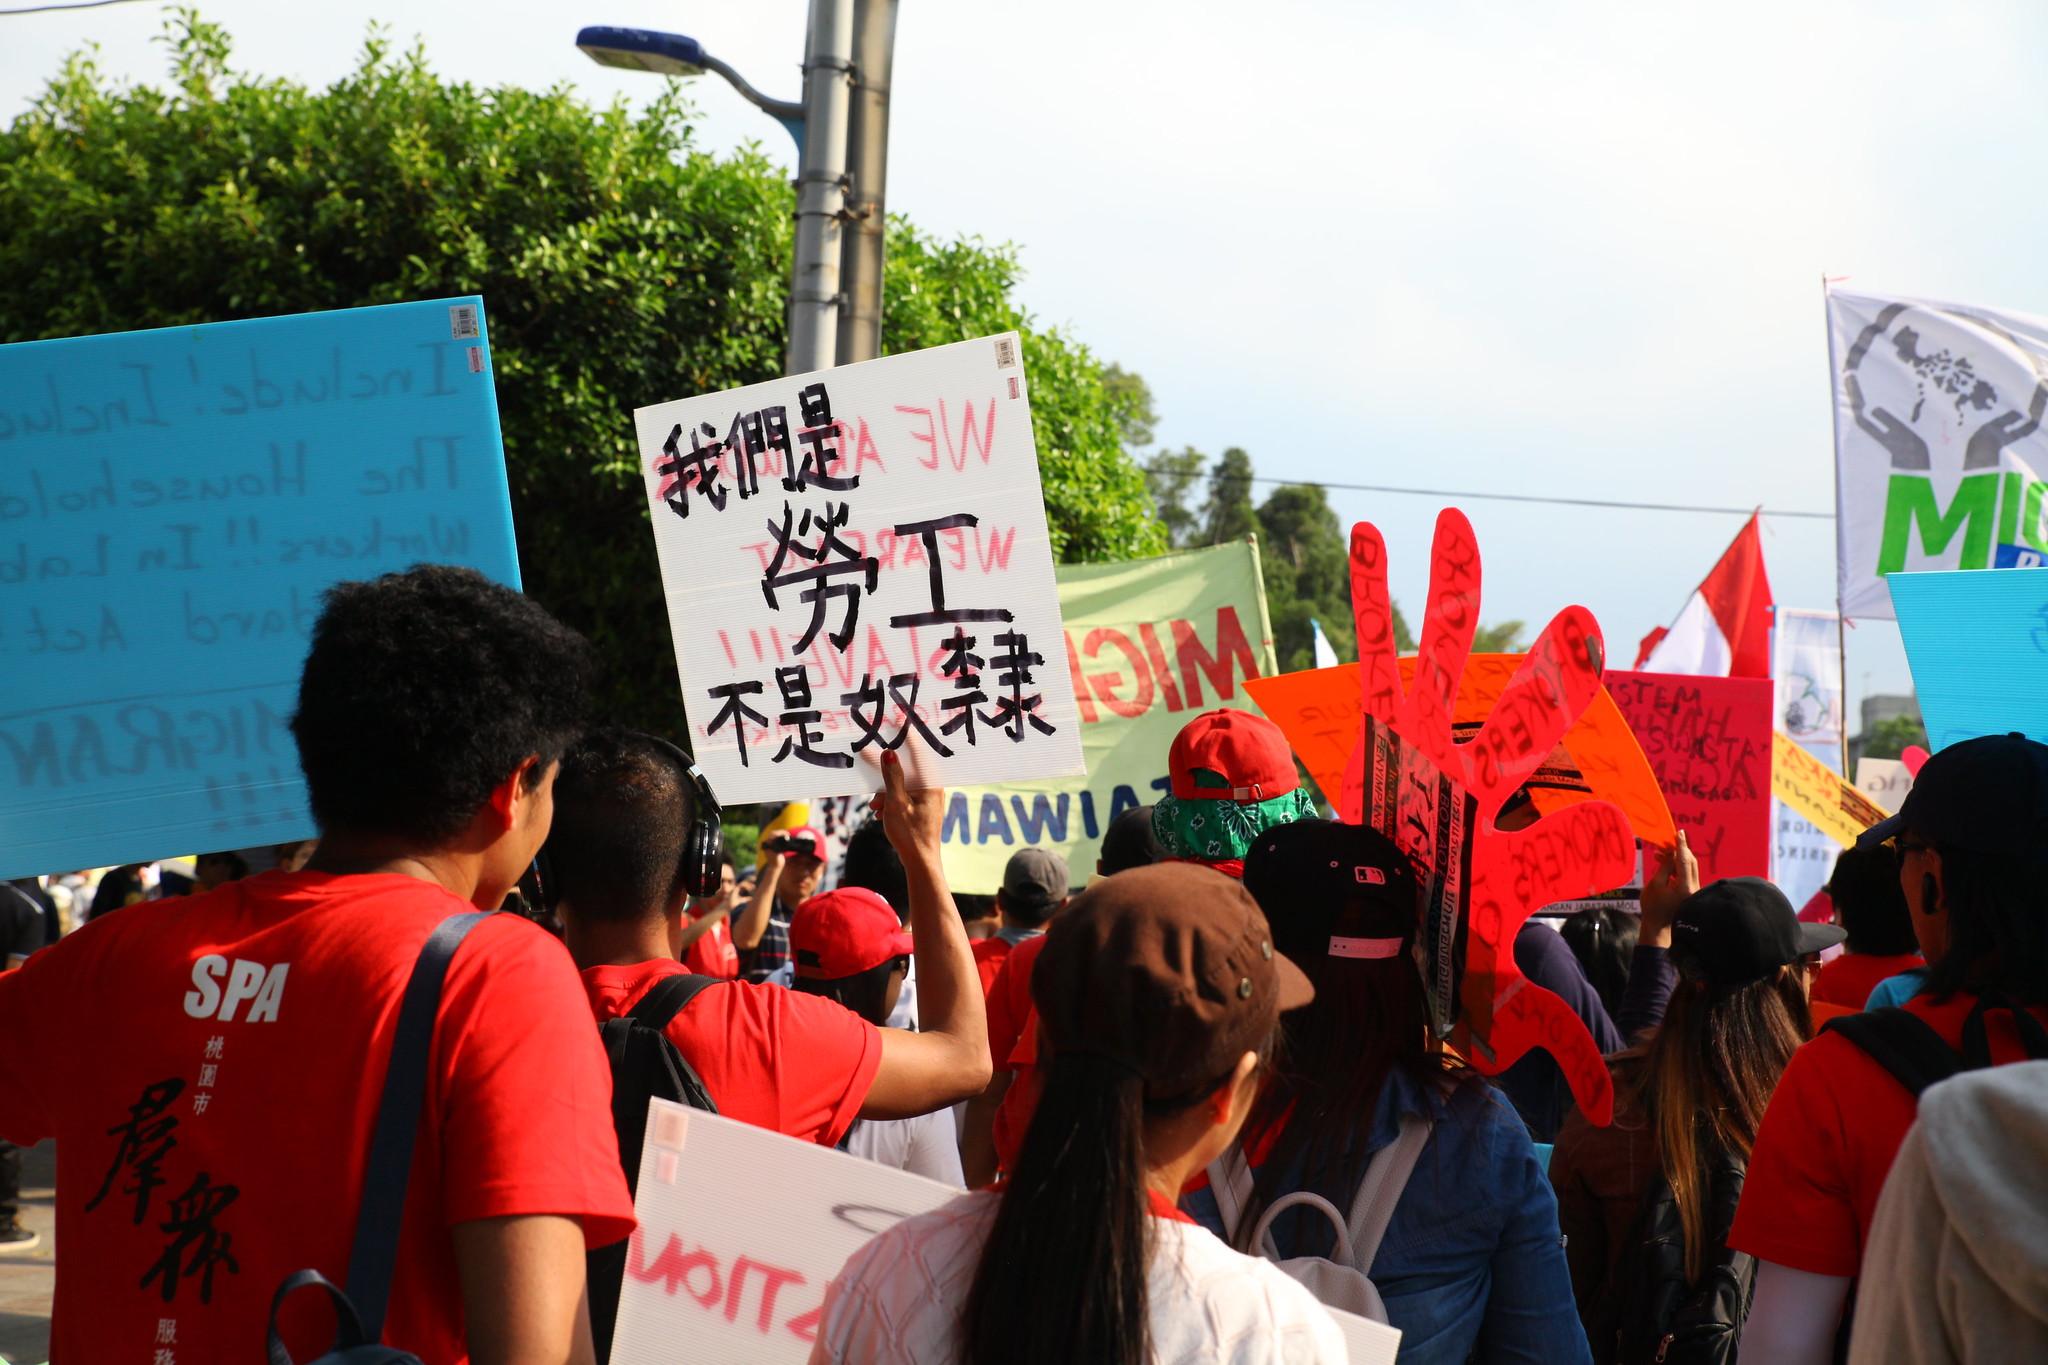 「我們是勞工,不是奴隸。」(攝影:陳逸婷)